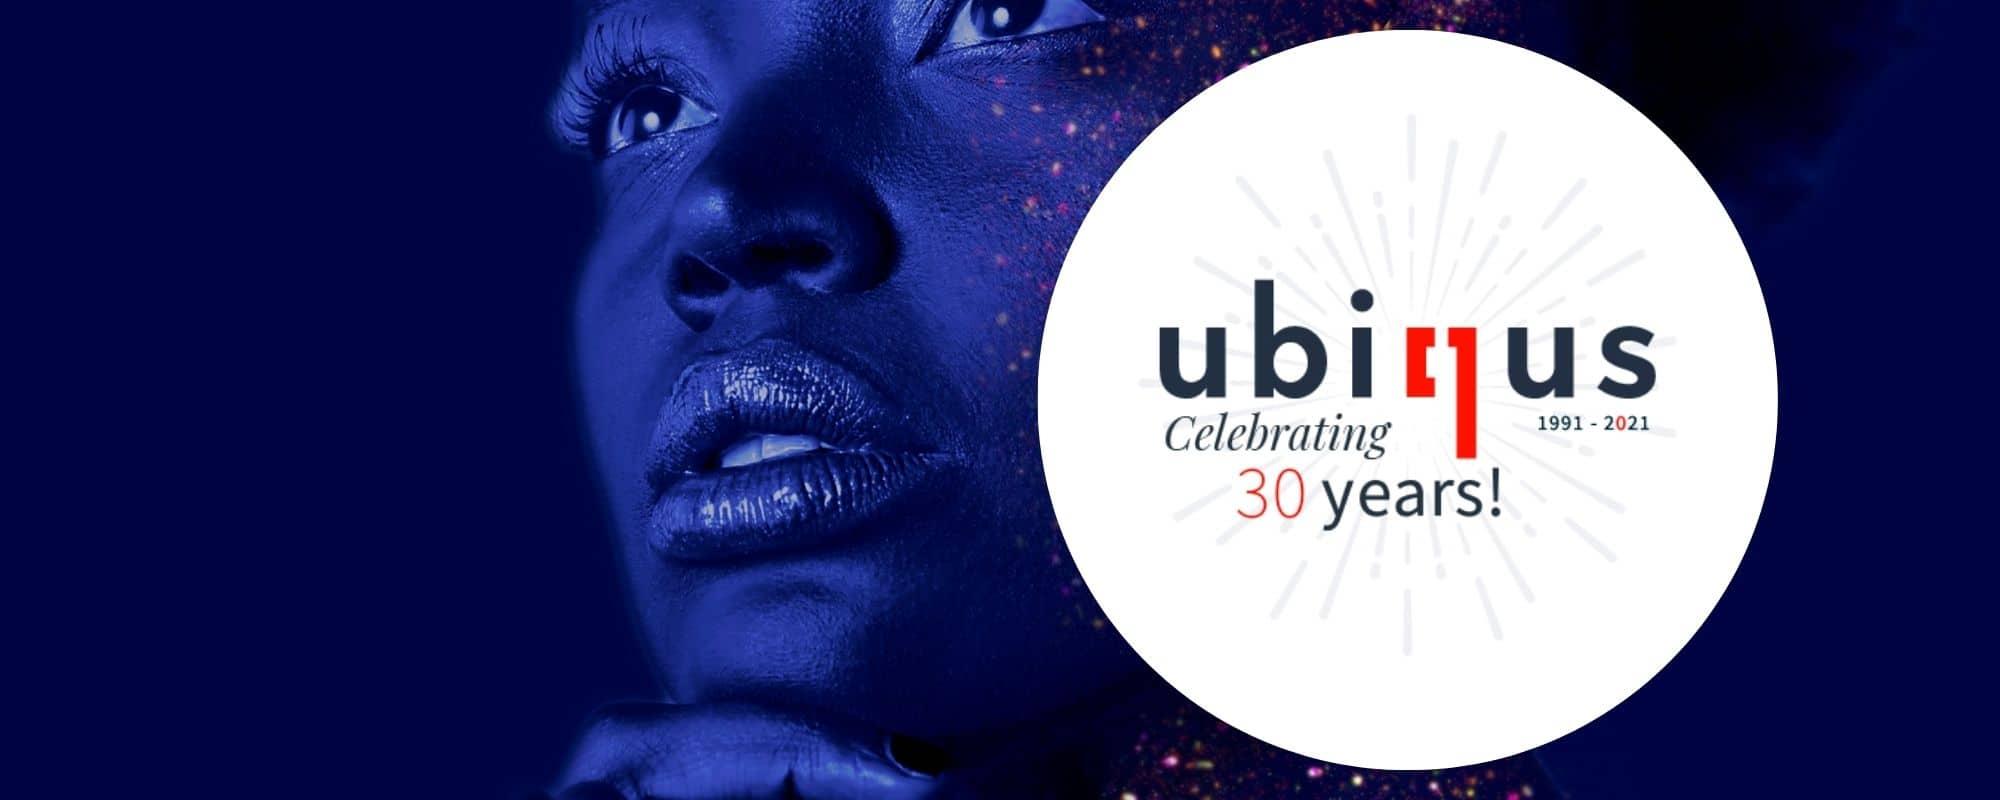 Ubiqus: celebrating 30 years!